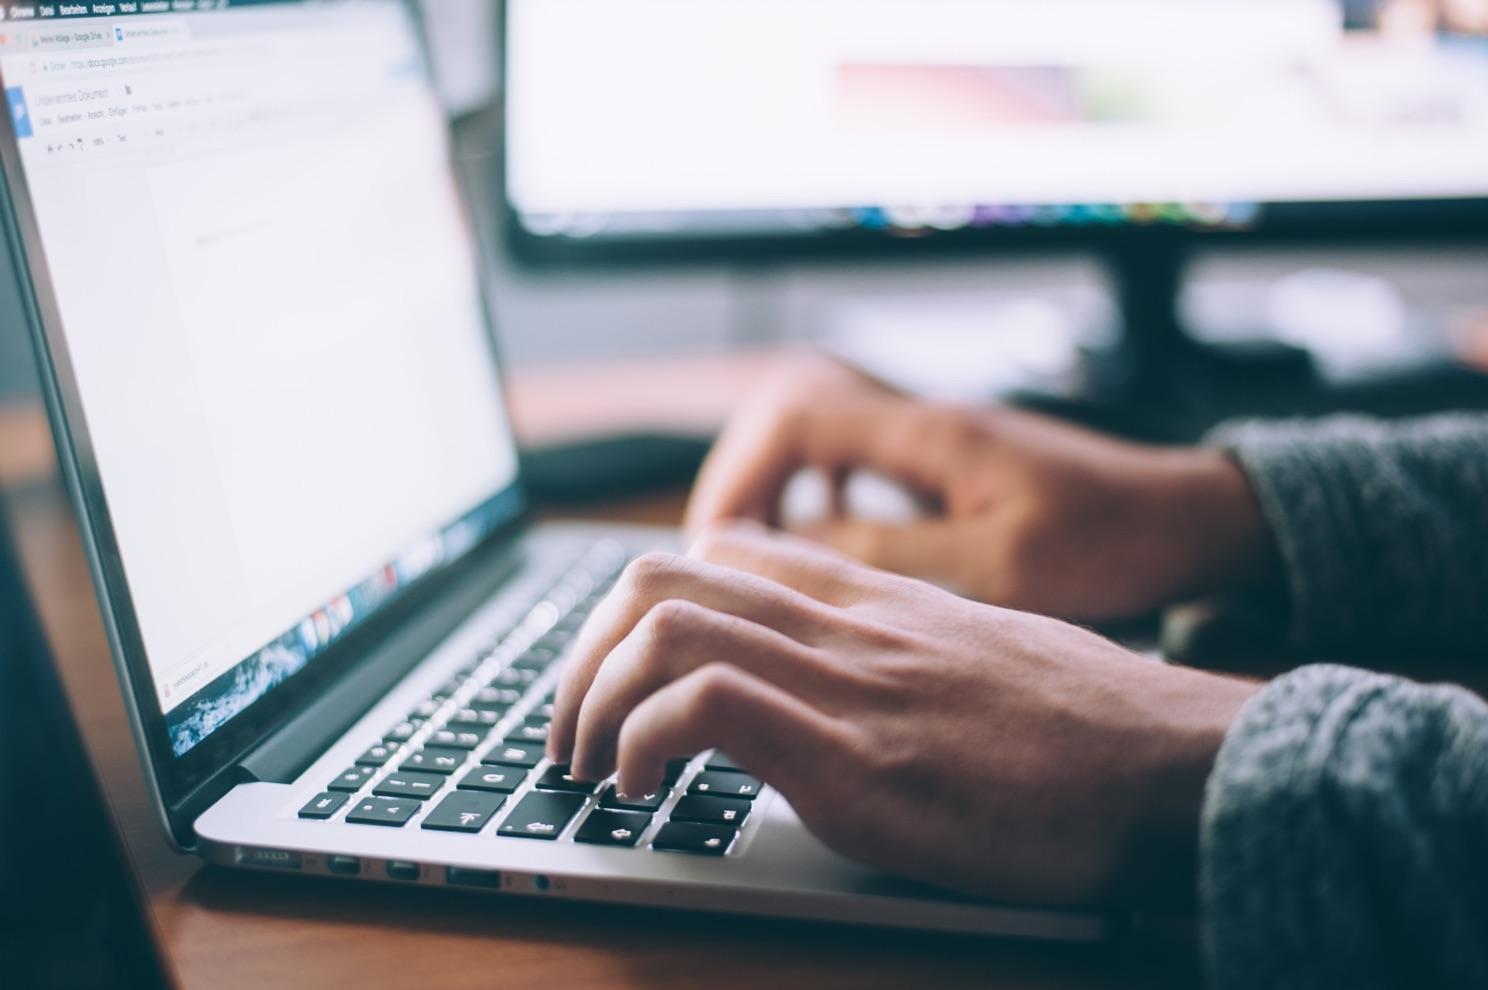 Hände schreiben auf einer Laptop Tastatur.